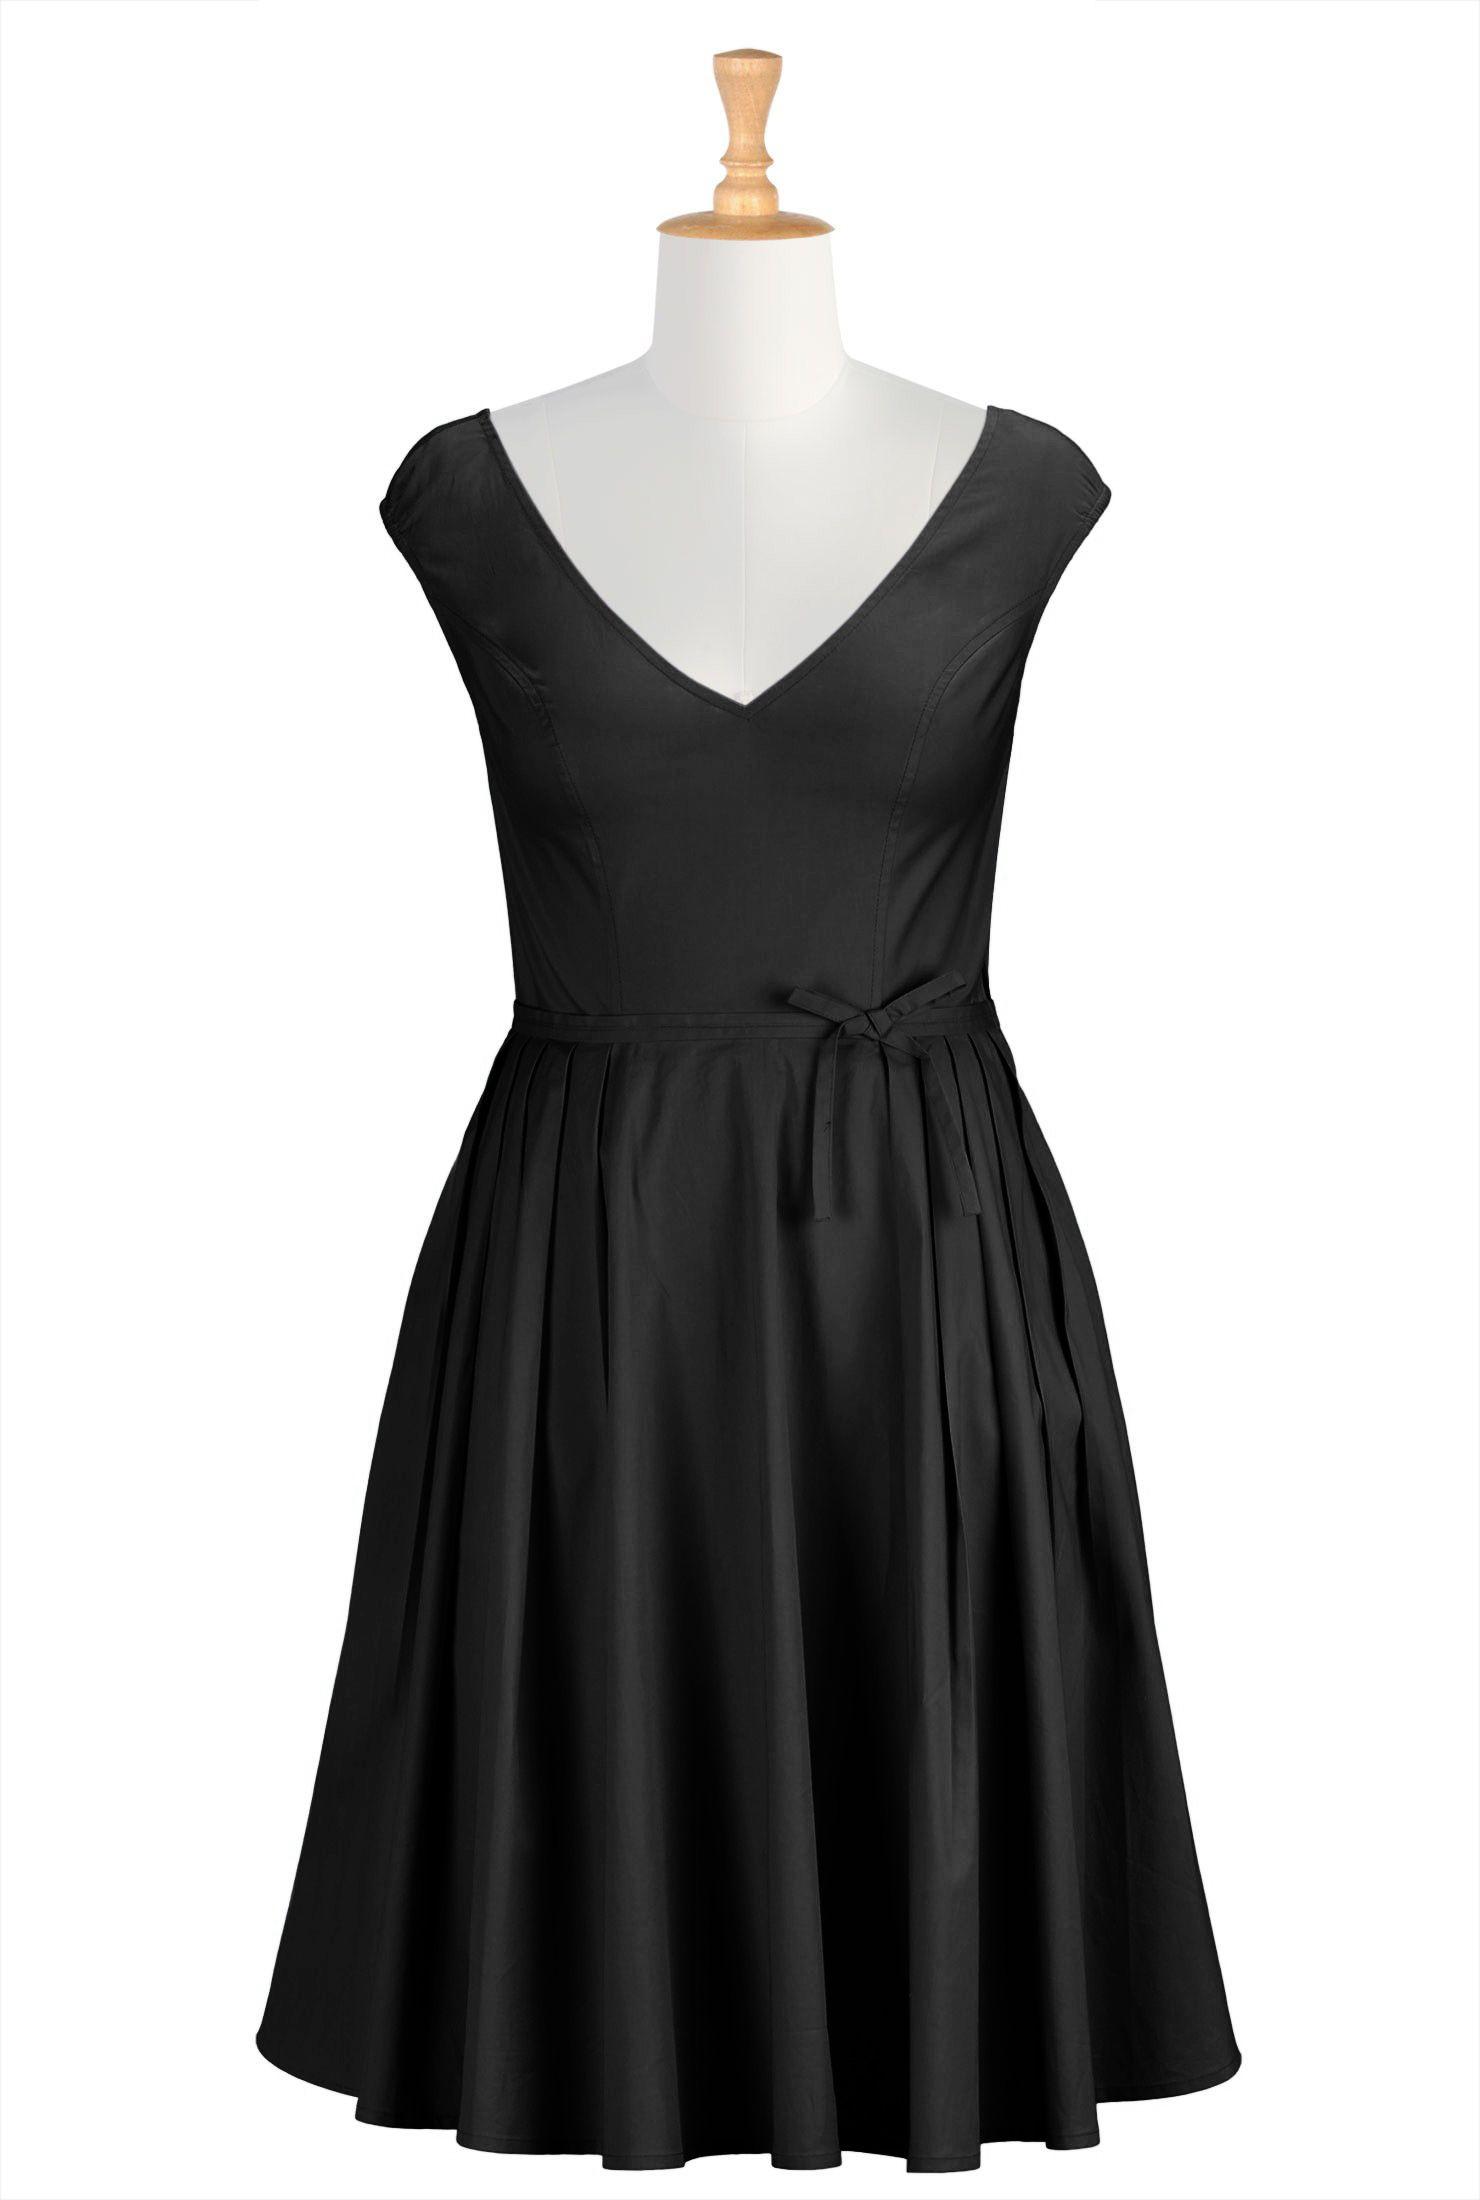 Below knee length dreses black dresses bridesmaids dresses cap